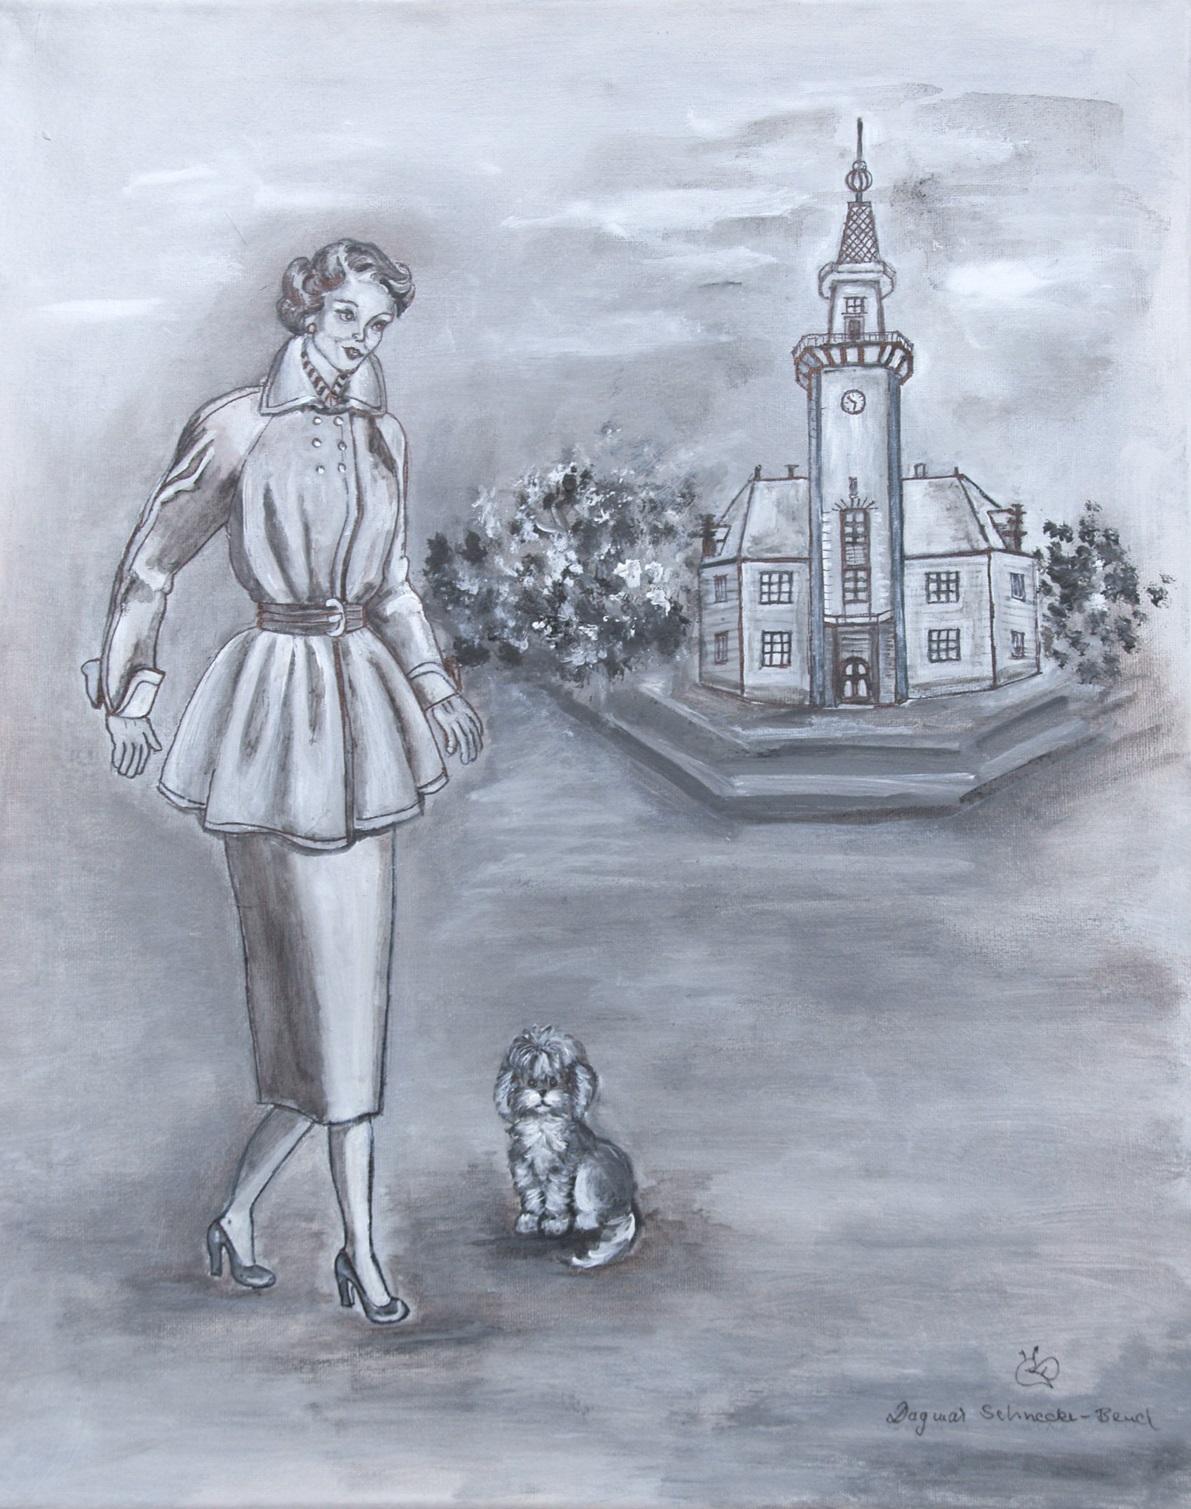 Aus der 50er-Jahre-Serie von Dagmar Schnecke-Bend: Spaziergang am Hafenamt, Acryl auf Leinwand, 40 x 50 cm